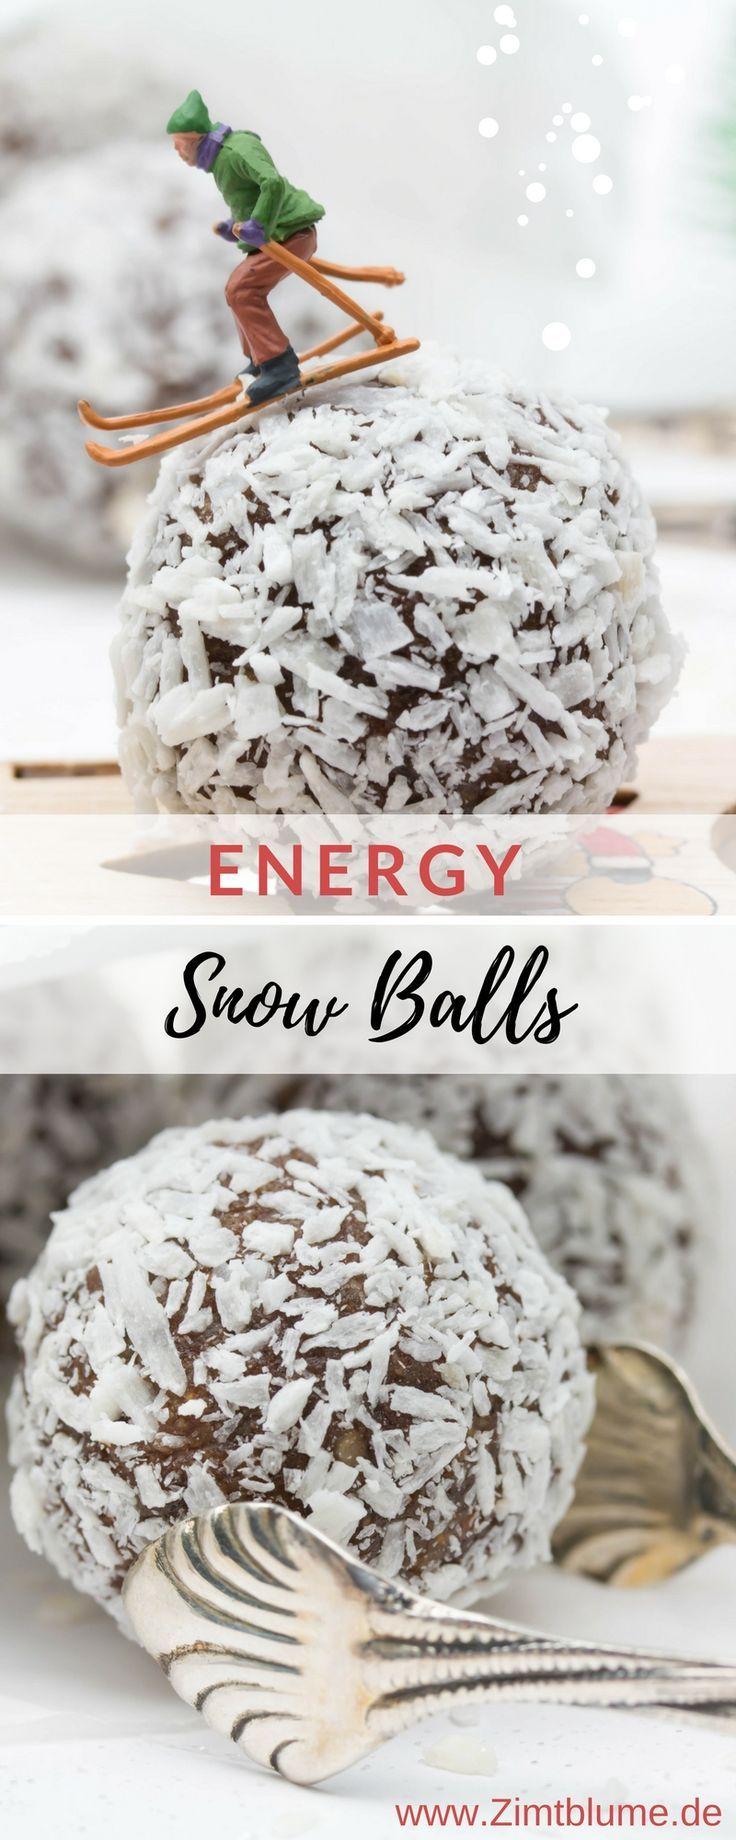 Rezept für Energy Snow Balls: So kann der Winter kommen! | #healthychocolateshakes